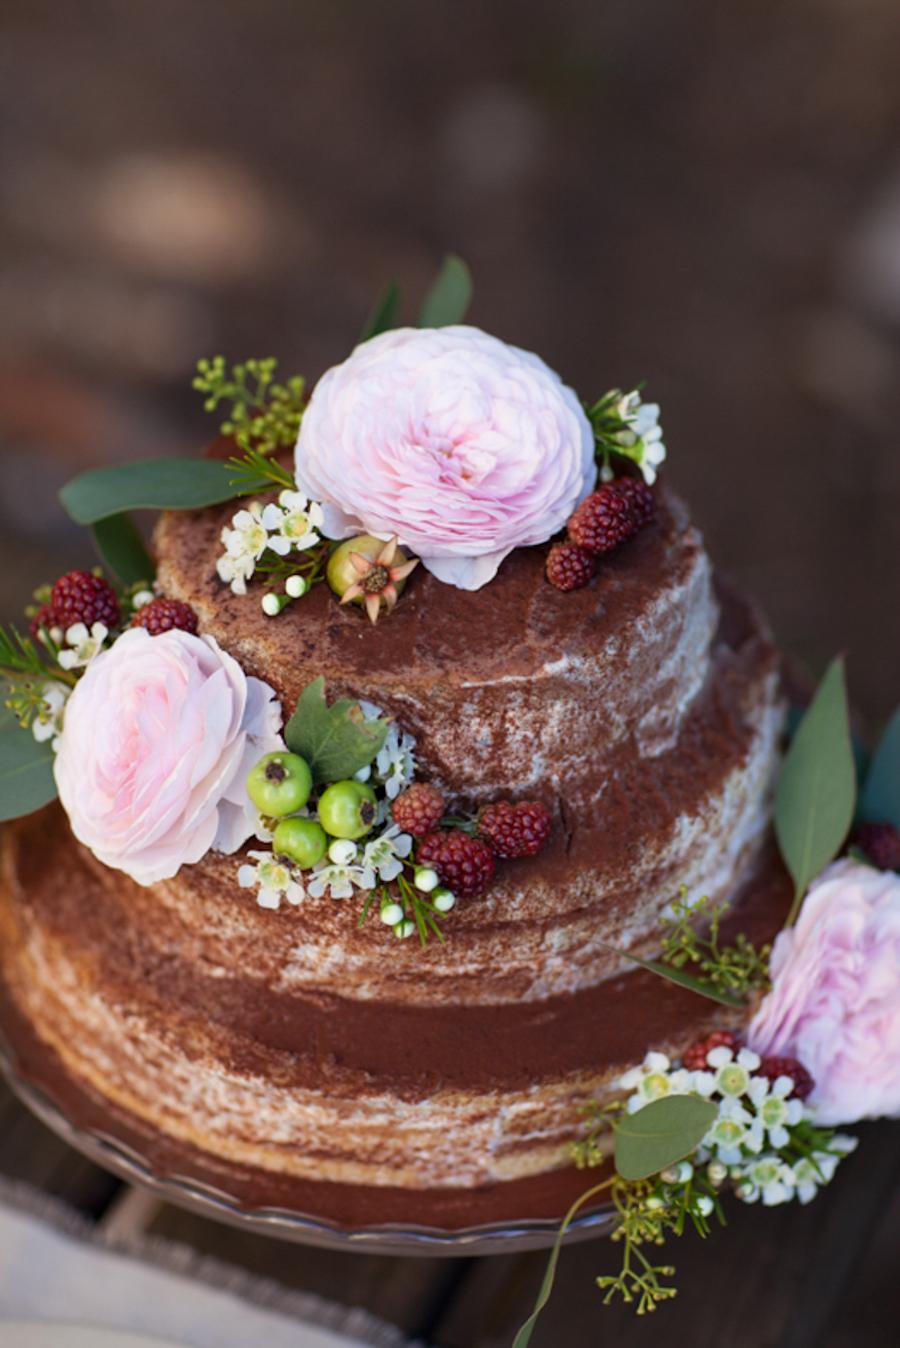 matrimonio-boho-chic-e-naturale-sweetphotofactory-wedding-wonderland-08